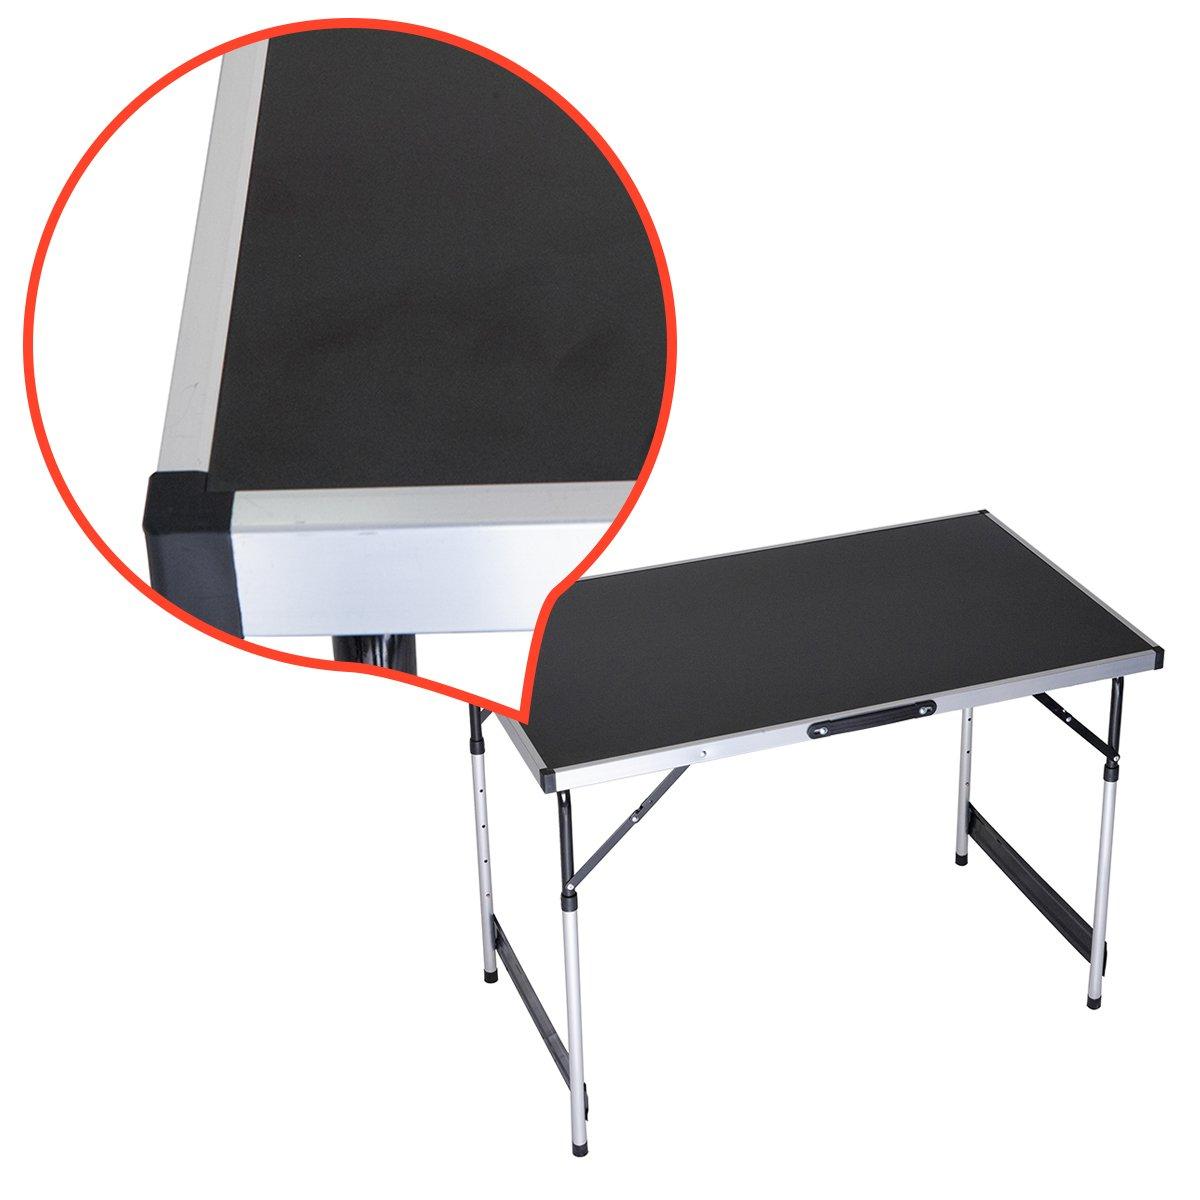 rman Table de camping Table pliante Table de jardin Table pliable 1m Tish multifonction Noir Hauteur réglable 73–94cm